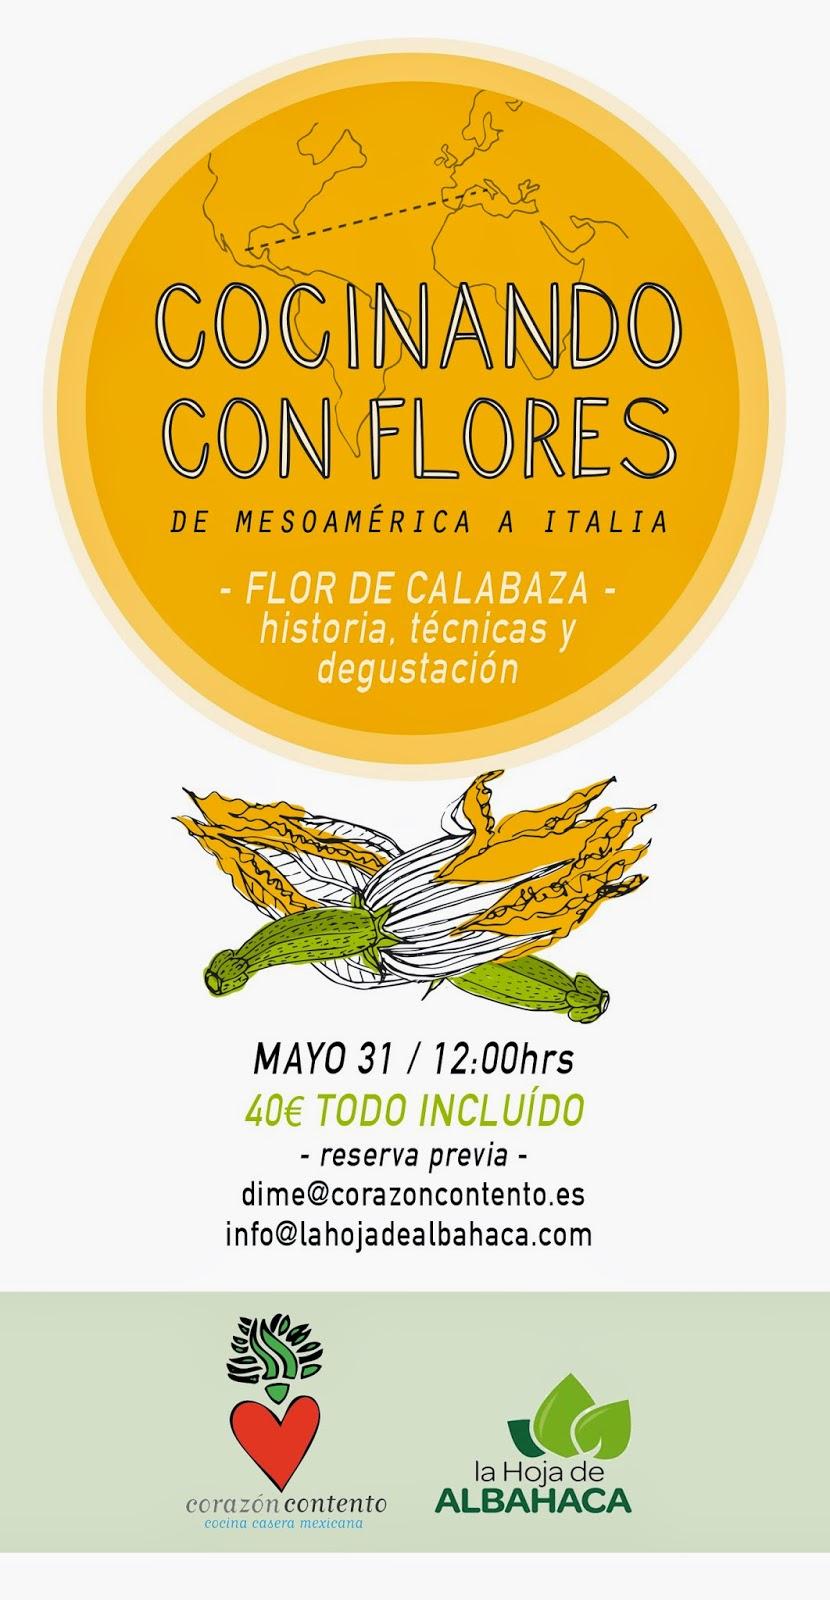 cocina, flores, recetas flores, lunch, comidas , eventos, gastronomia, flores calabaza